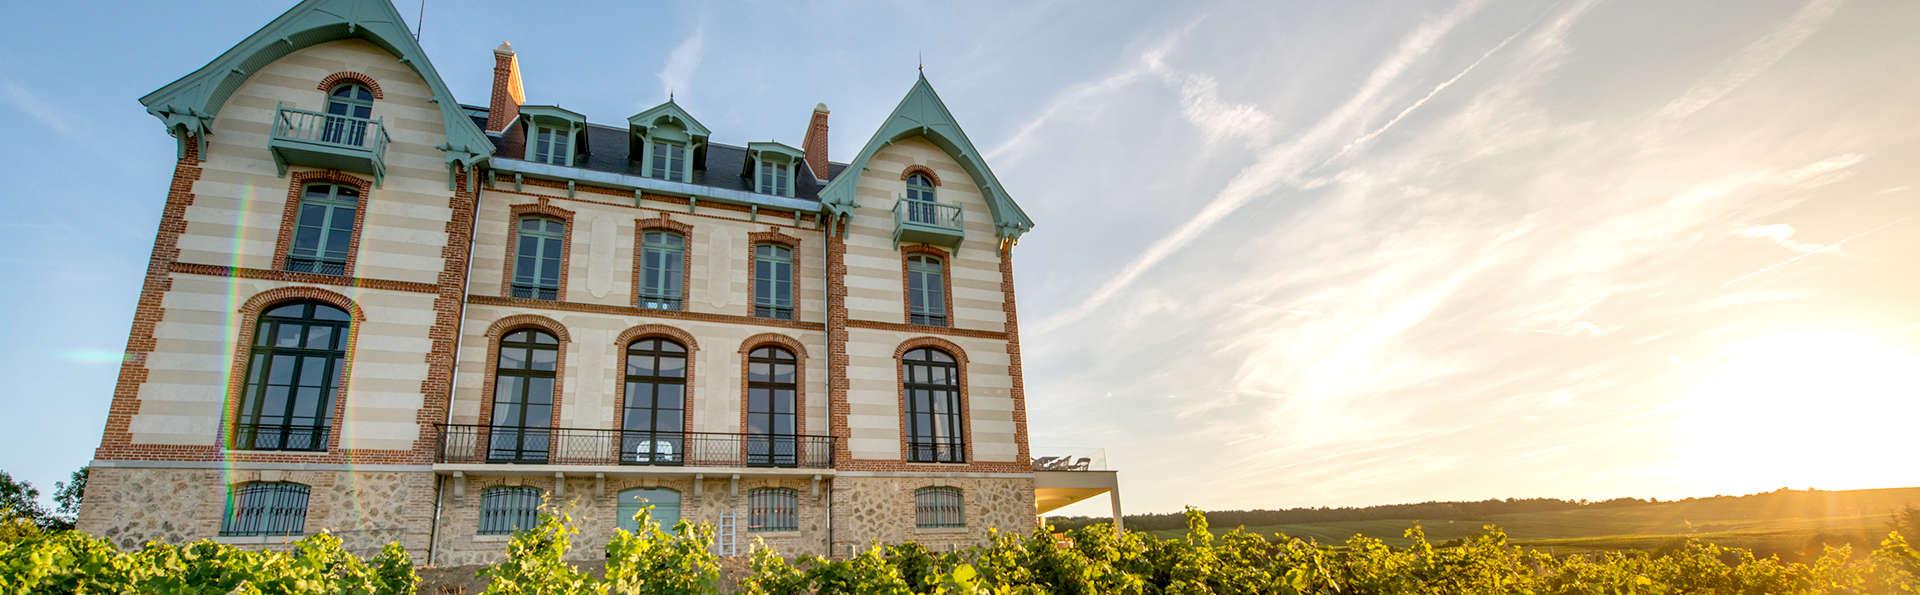 El mejor relax en una de las ciudades más antiguas de Francia